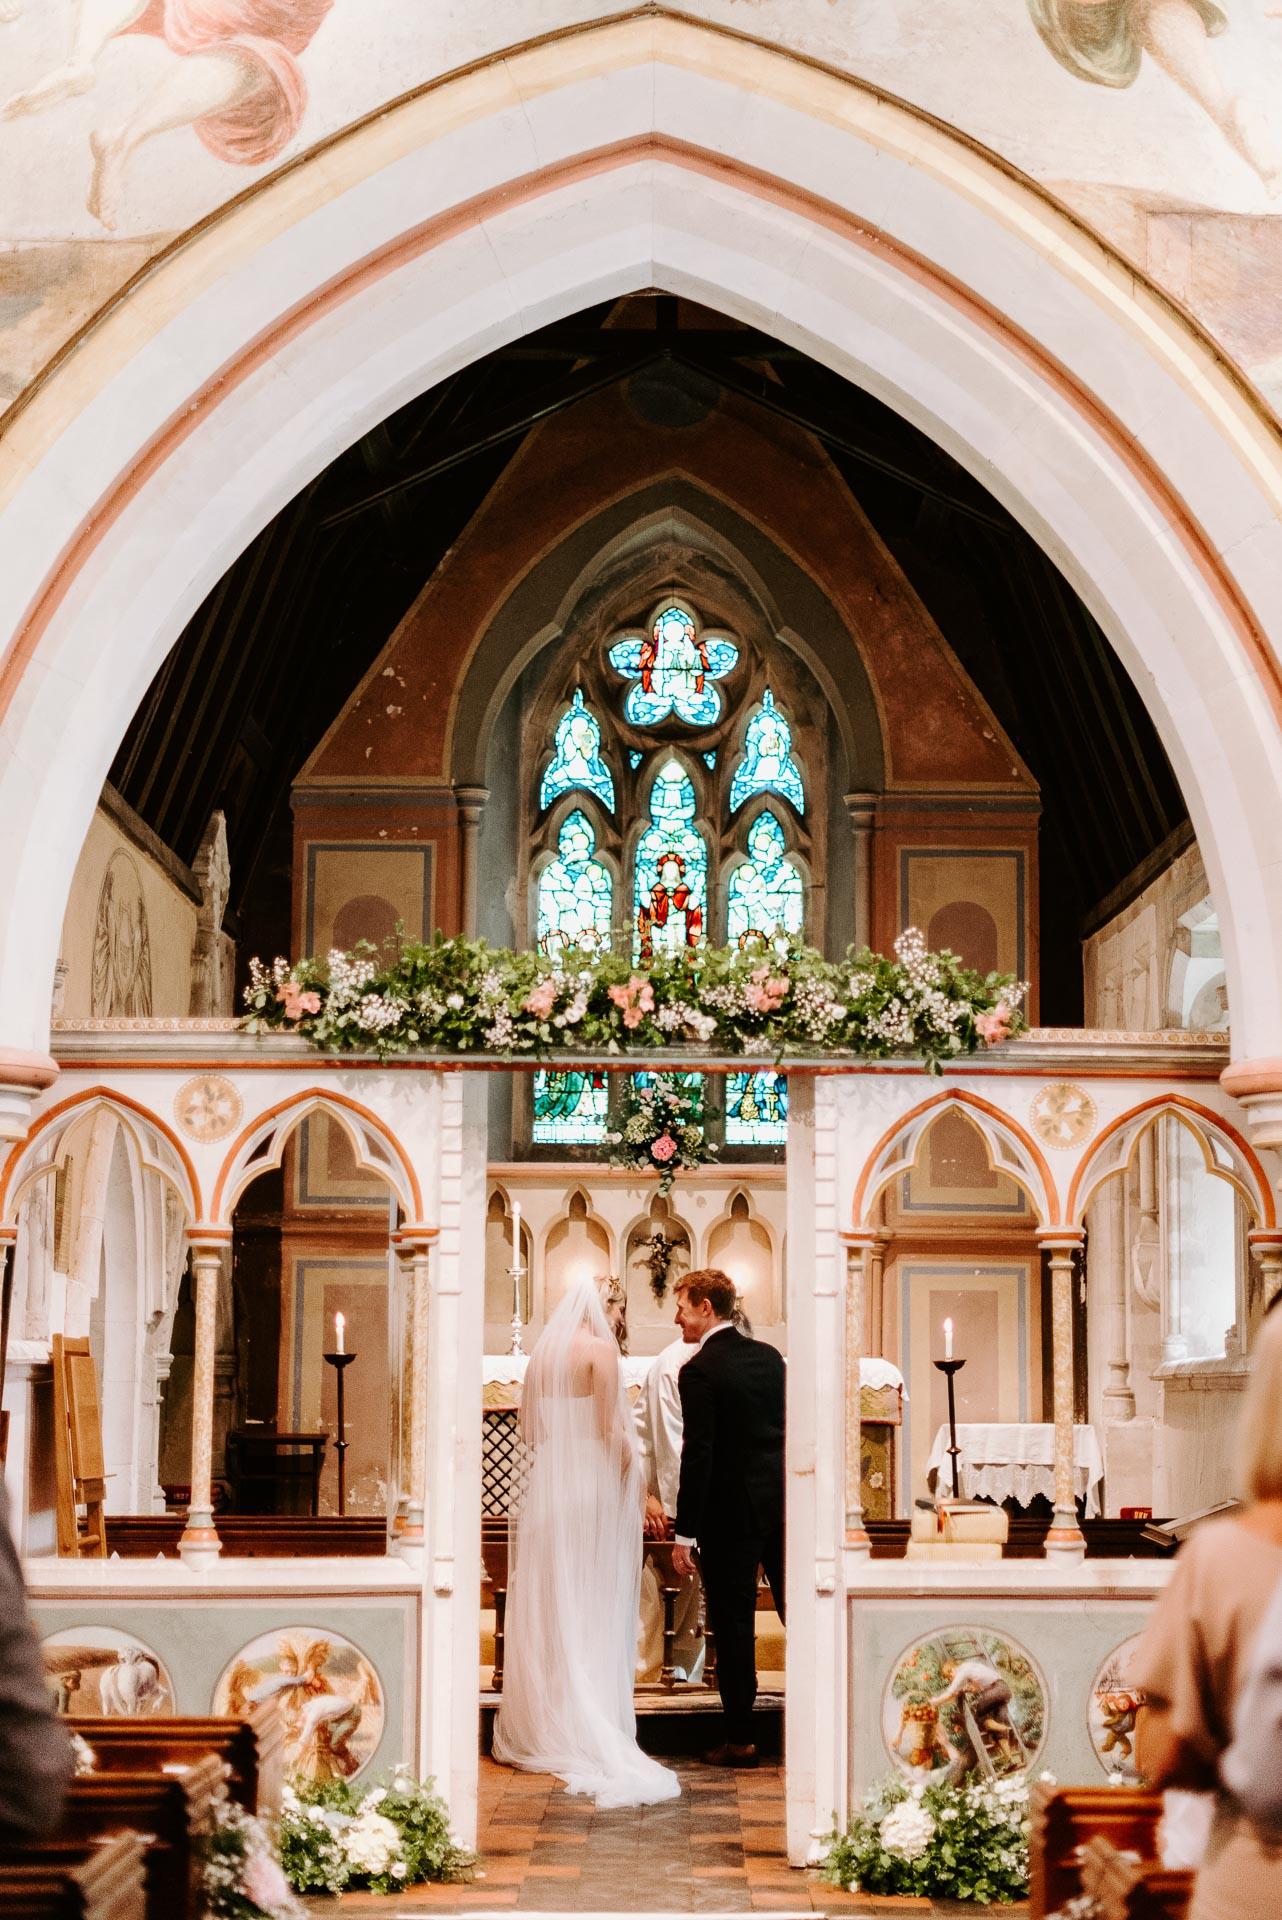 Henny_Jamie_East Sussex_Wedding_28.jpg